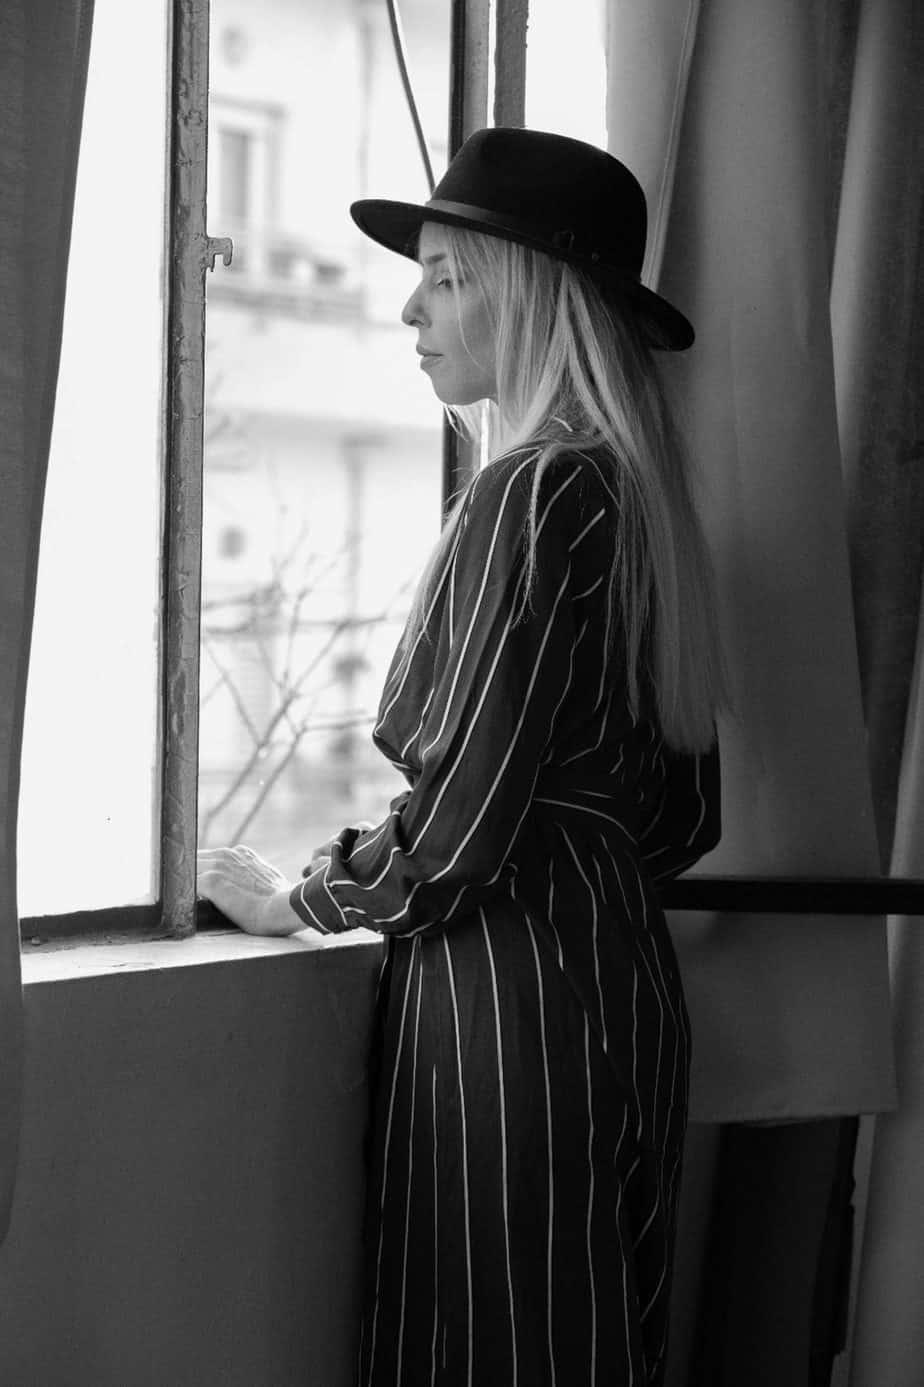 שמלה: H&M, כובע: מנגו. צילום שלומית איציק - Fashion Israel - מגזין אופנה